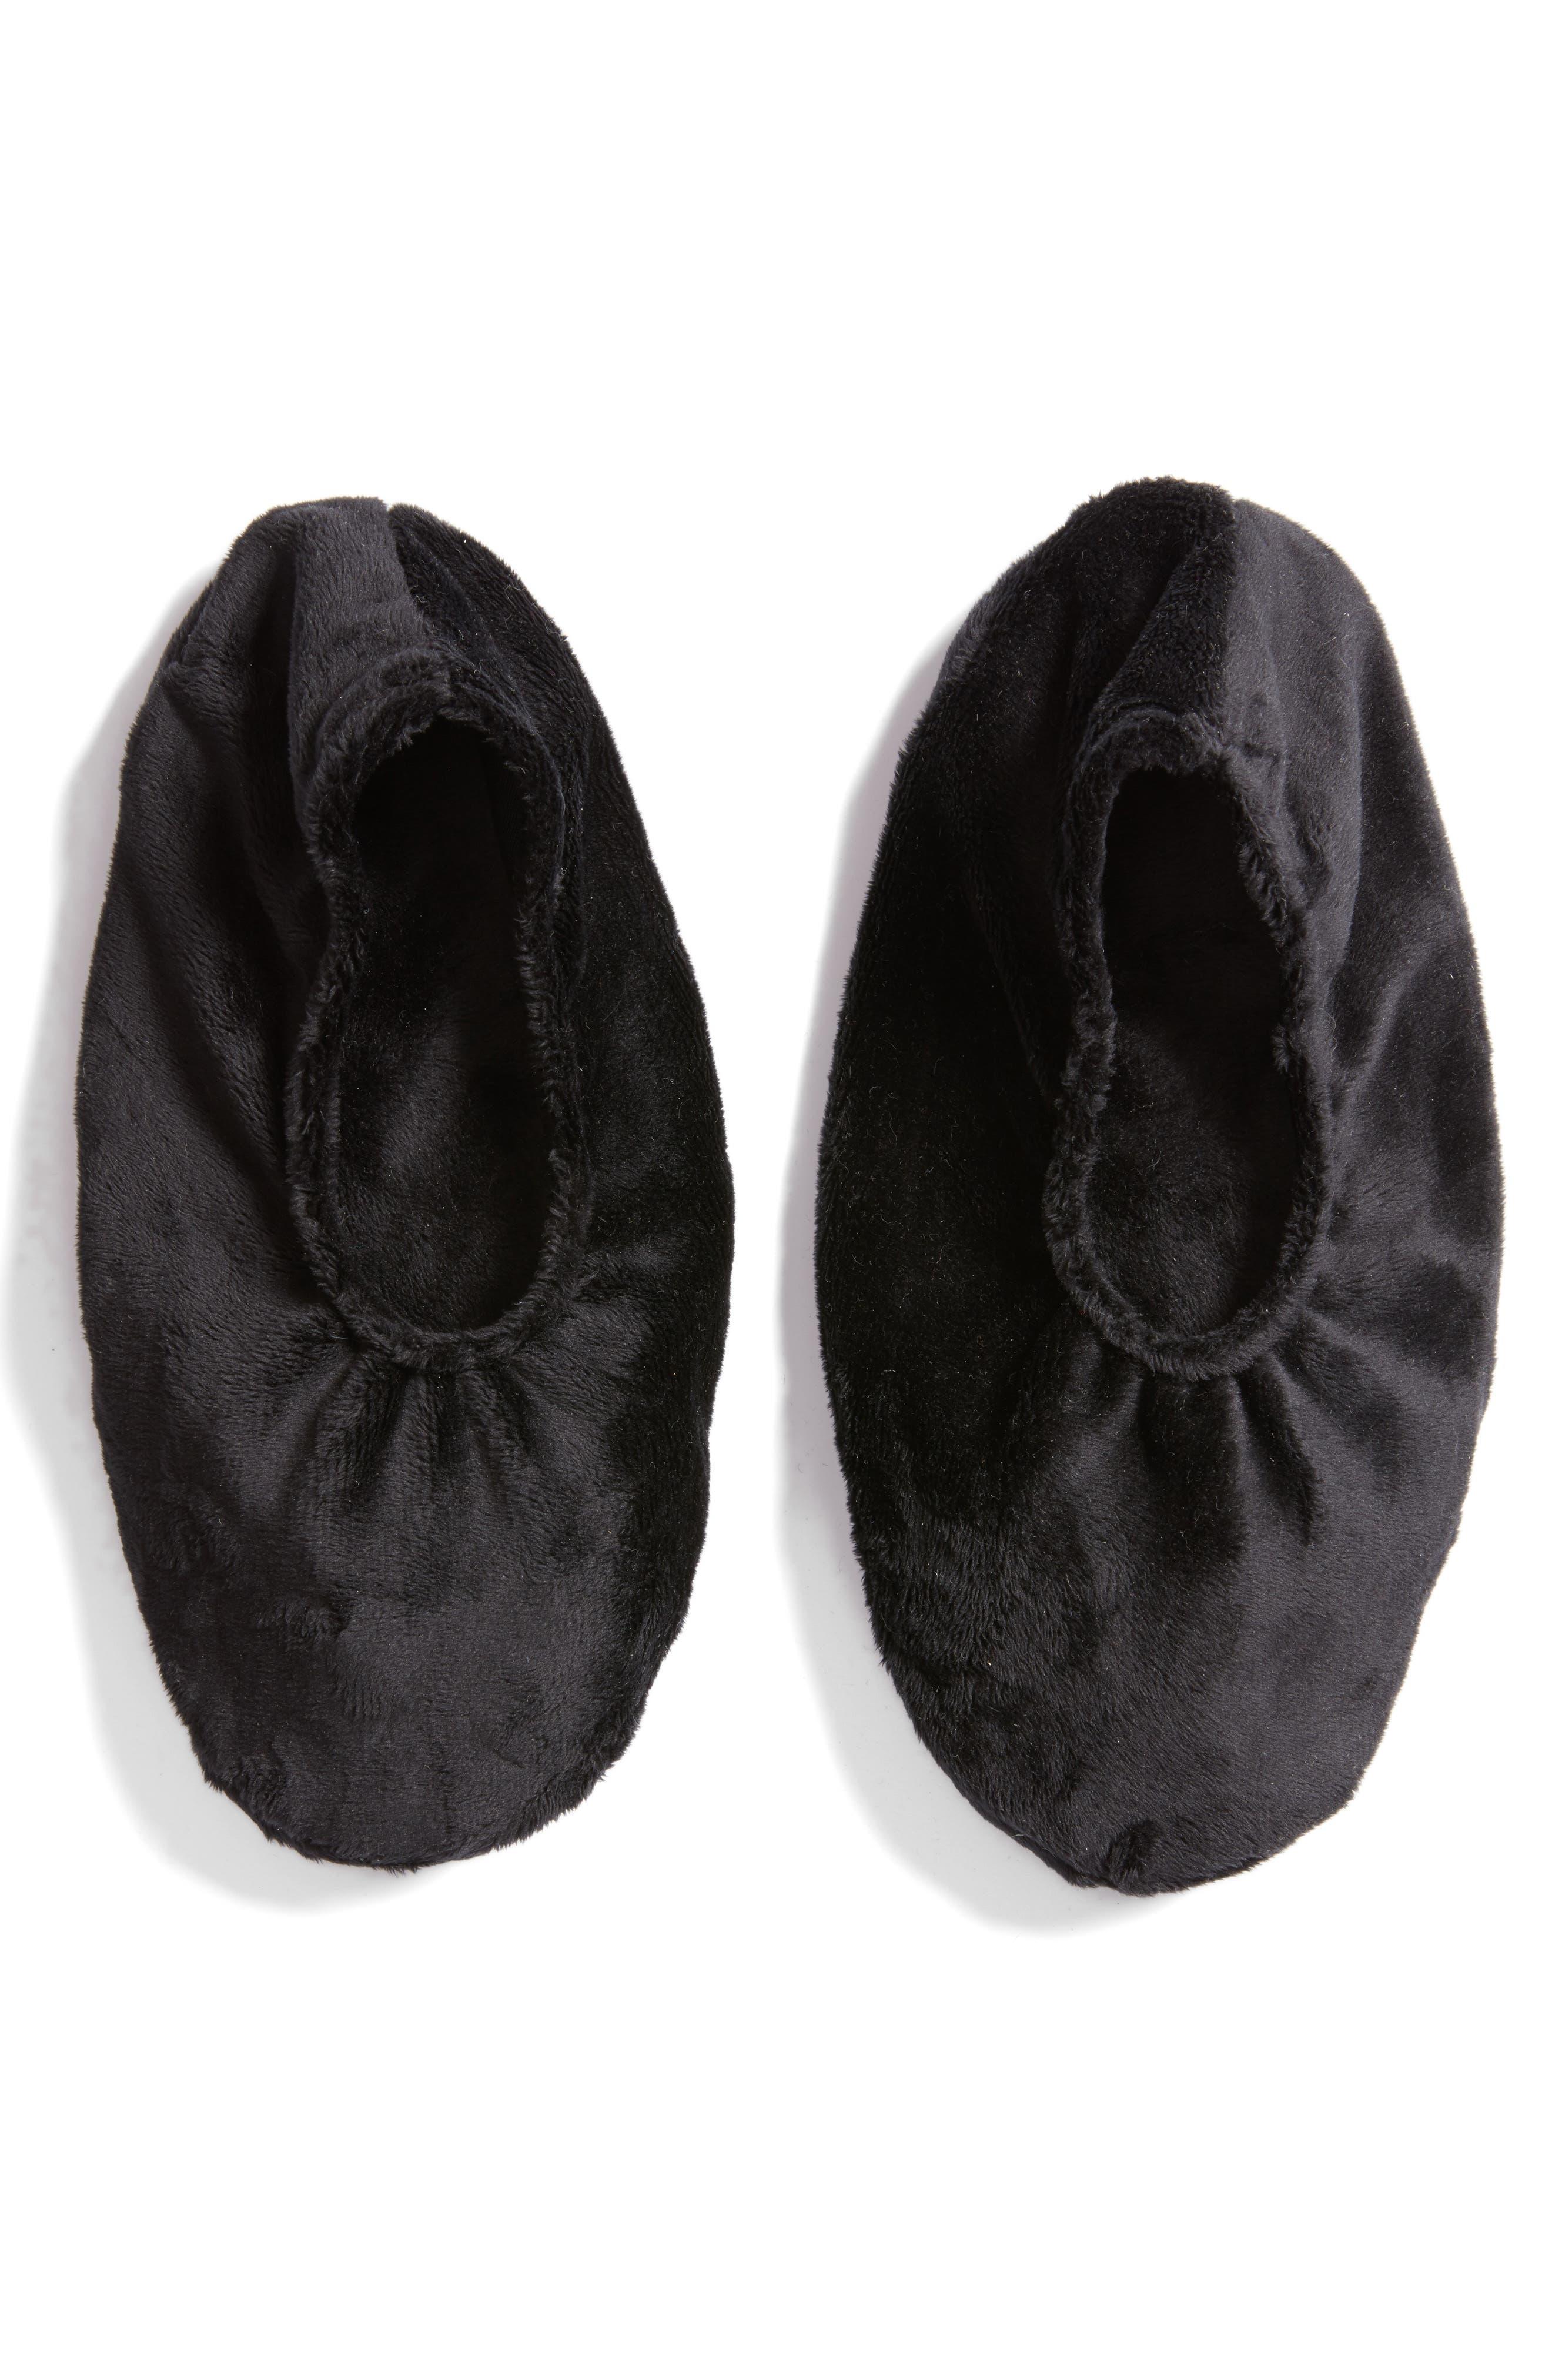 Solid Black Footies,                         Main,                         color, No Color